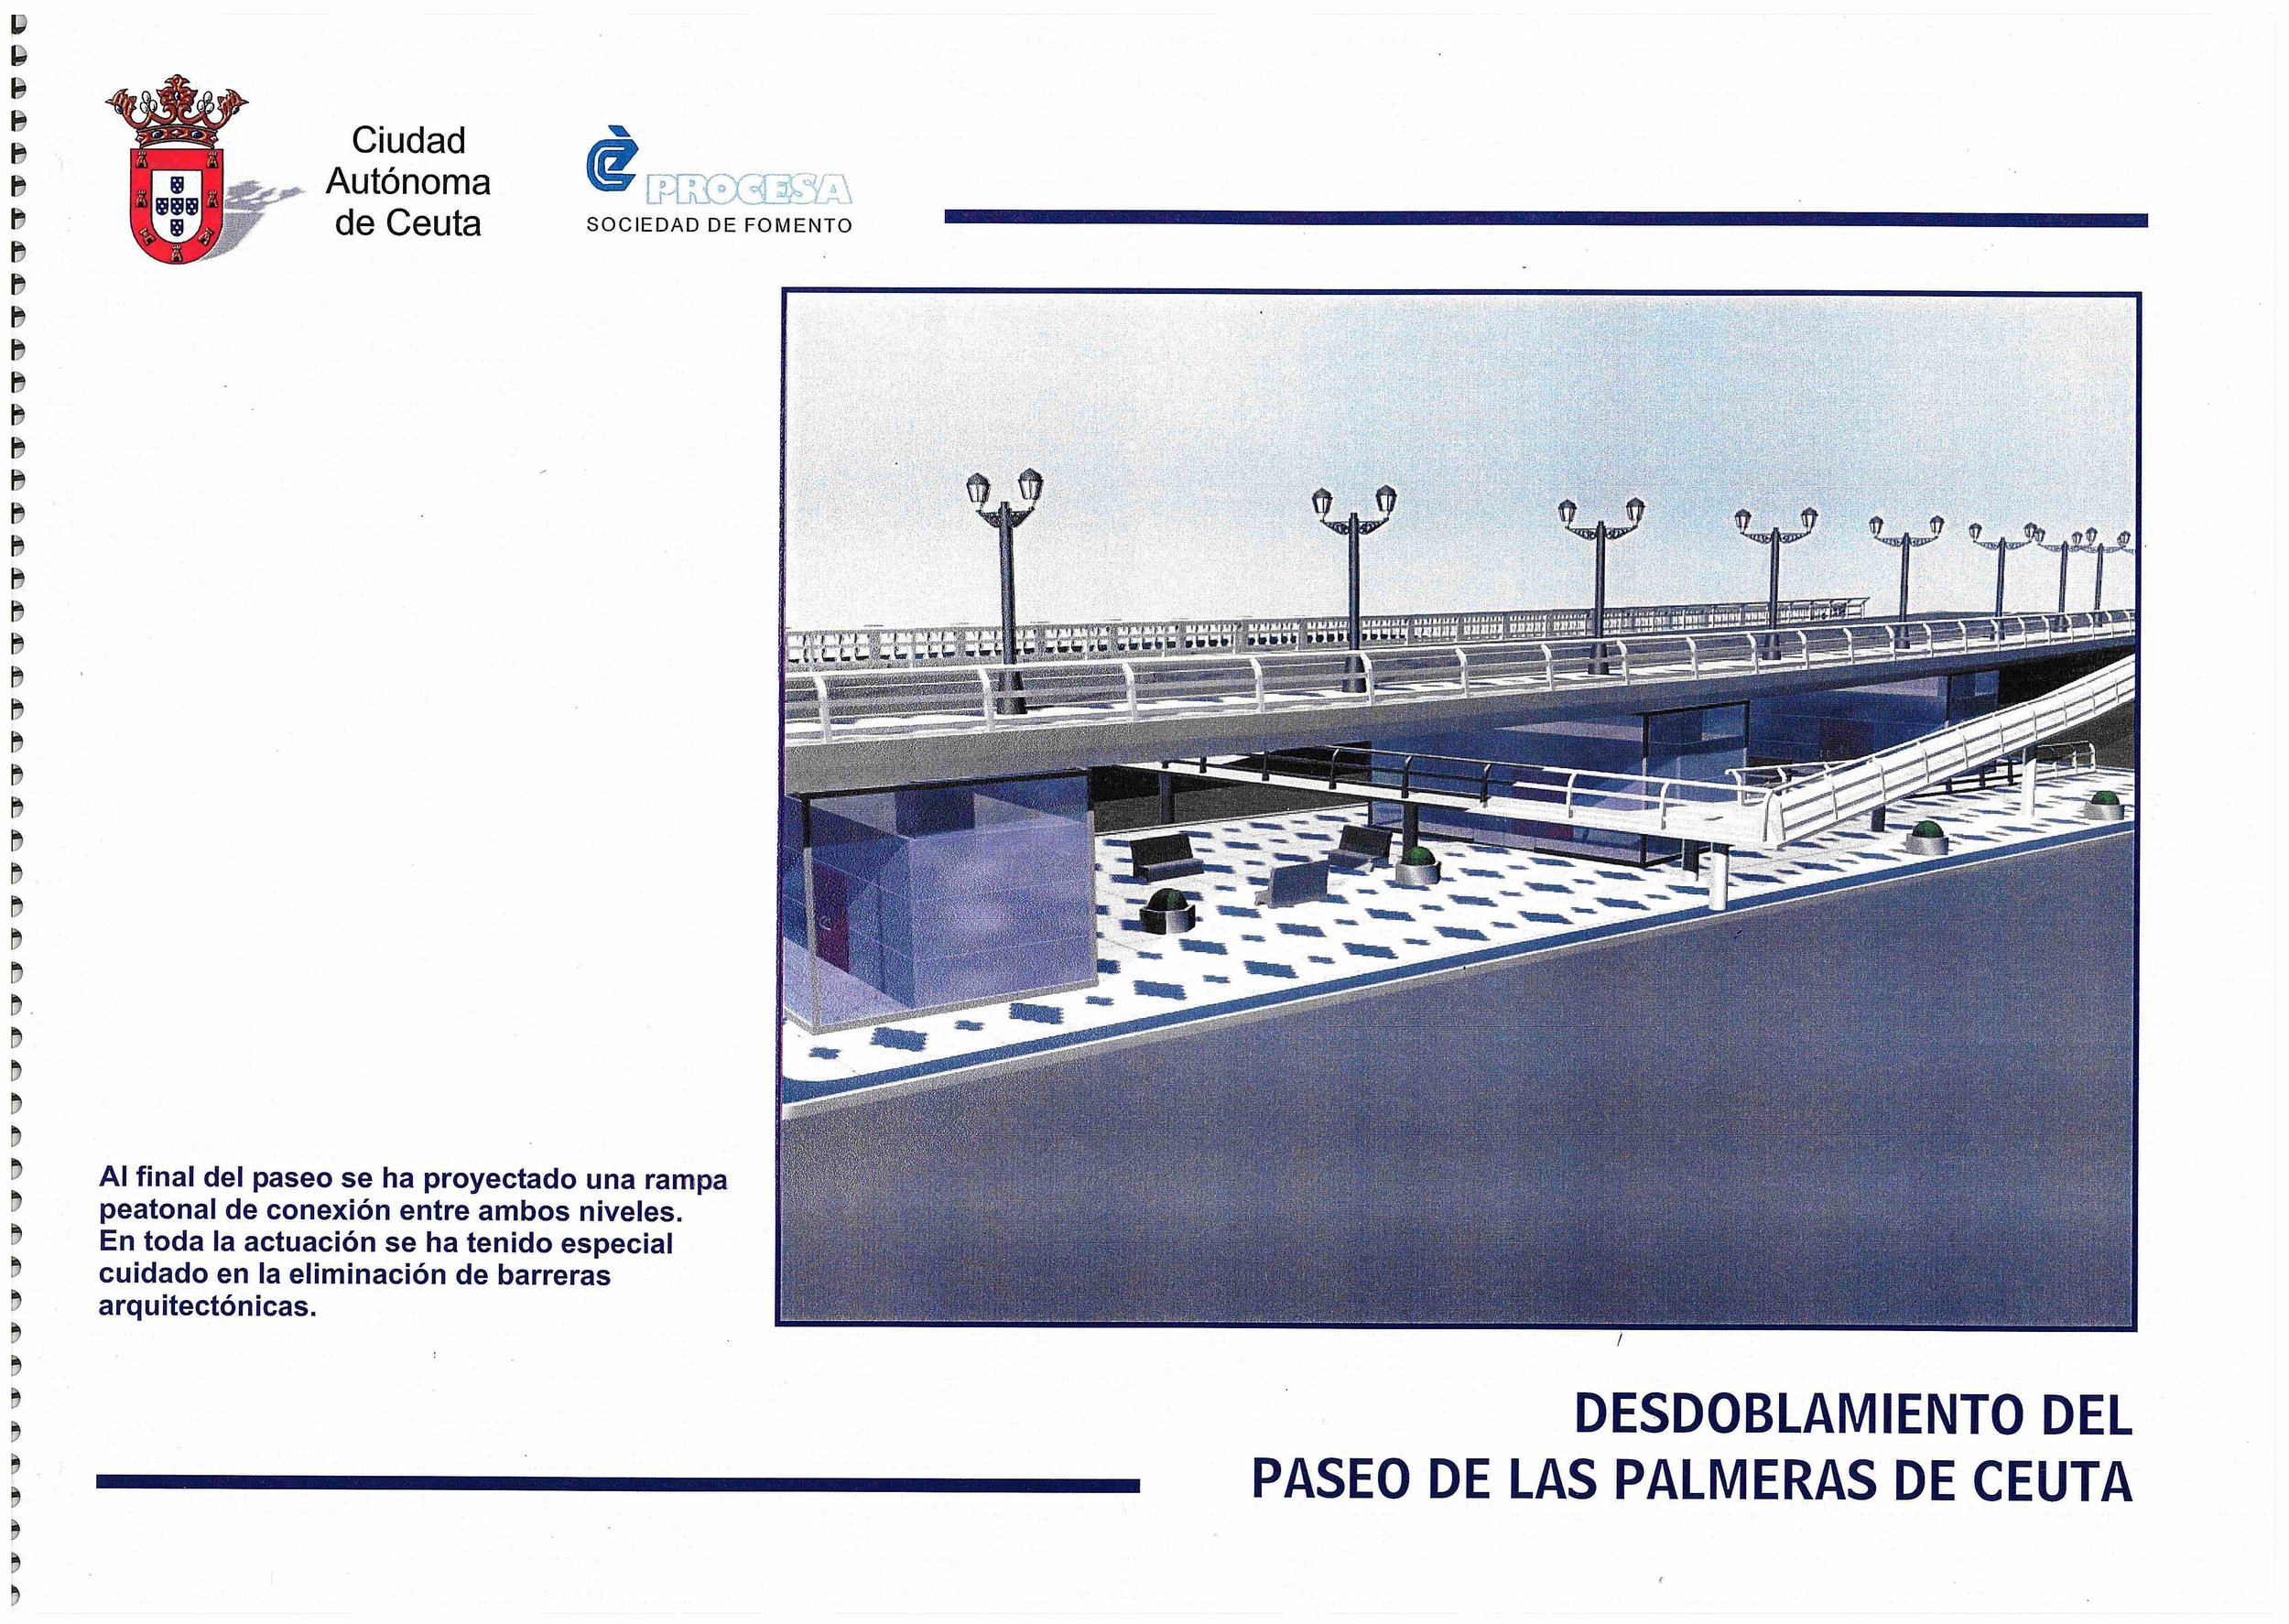 Carlos García Población, engineer (ACS)